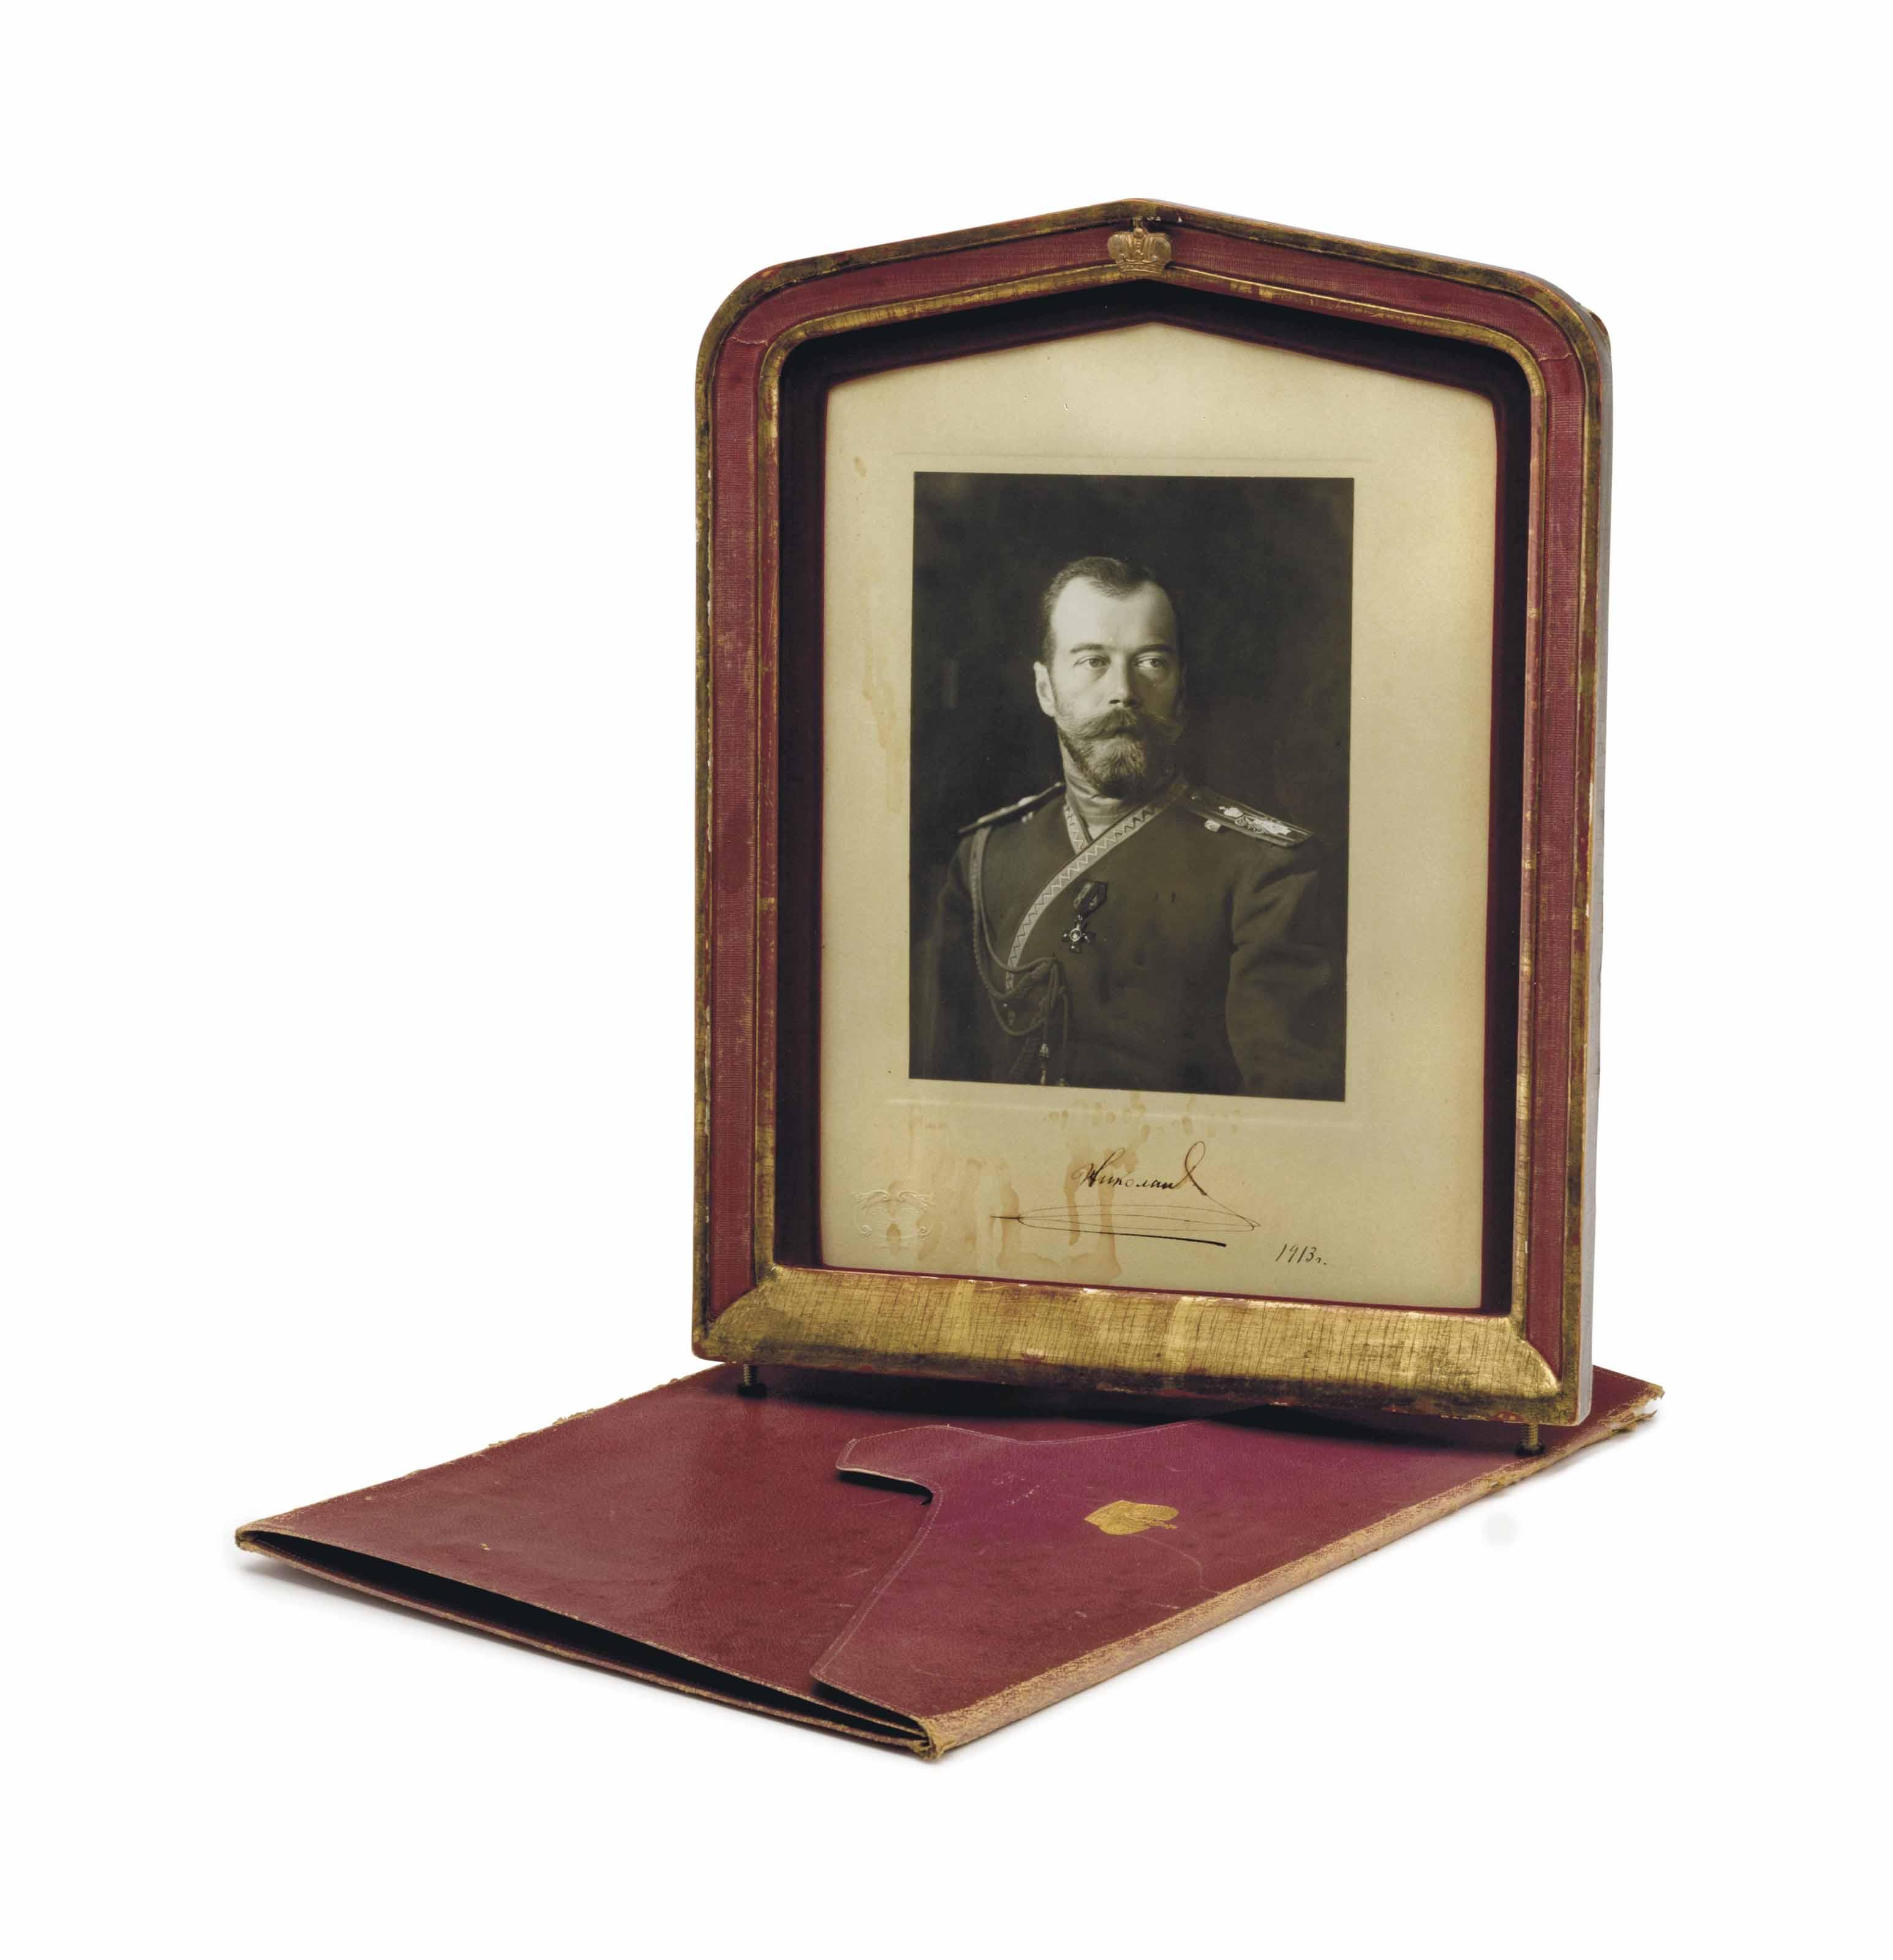 TSAR NICHOLAS II (1868-1918)